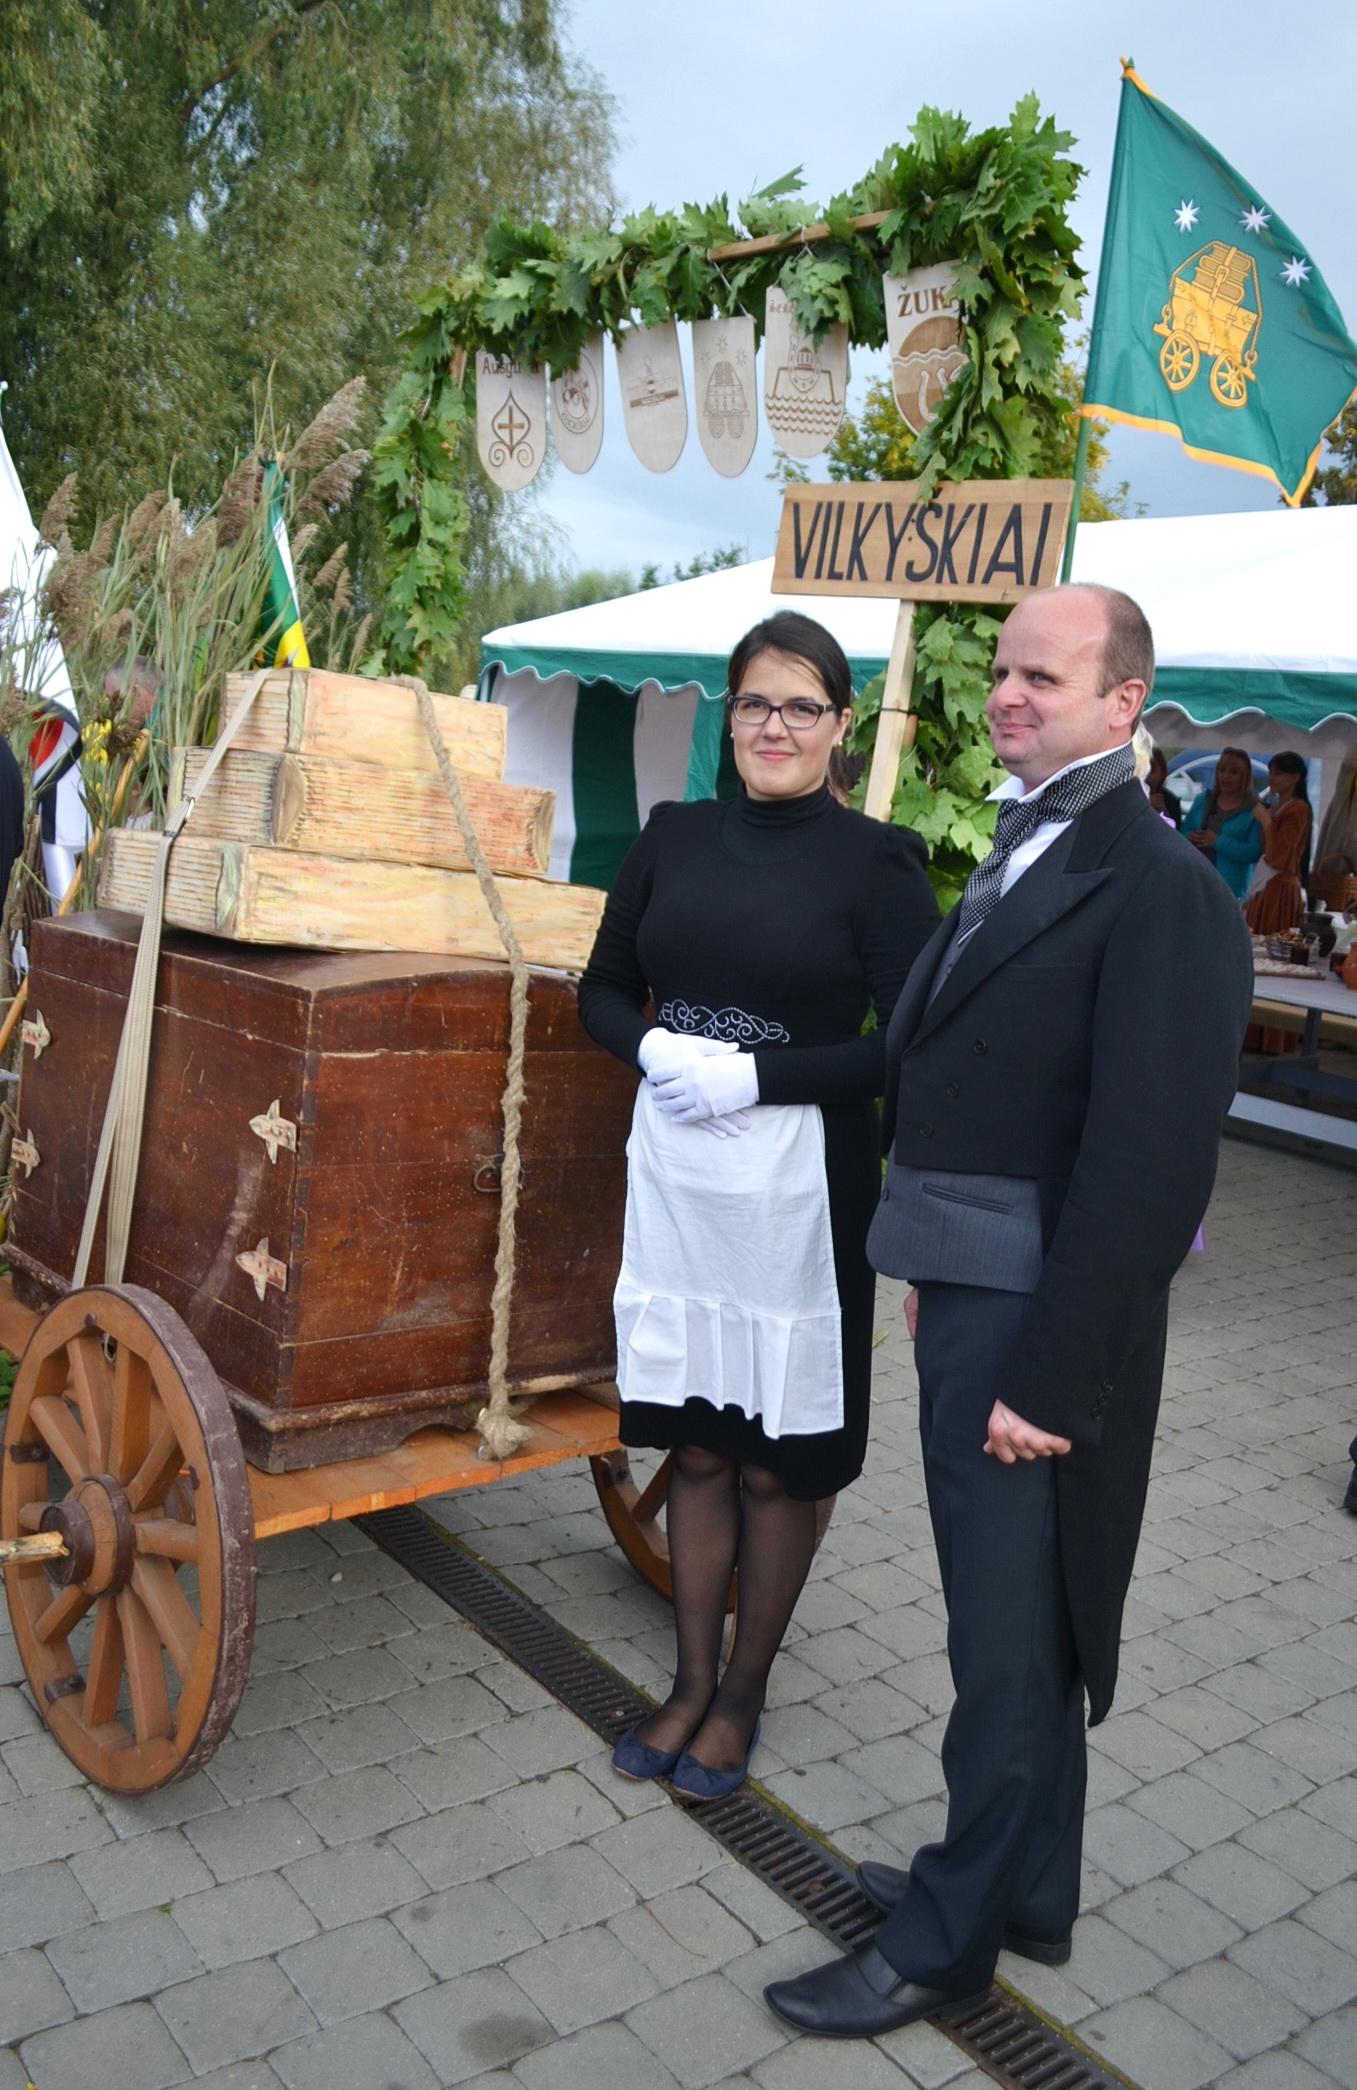 Vilkyškių seniūnija įsikūrusi buvusiame dvare, tad seniūnas Darius Jurkšaitis apsirengė kaip pridera dvariškiui.